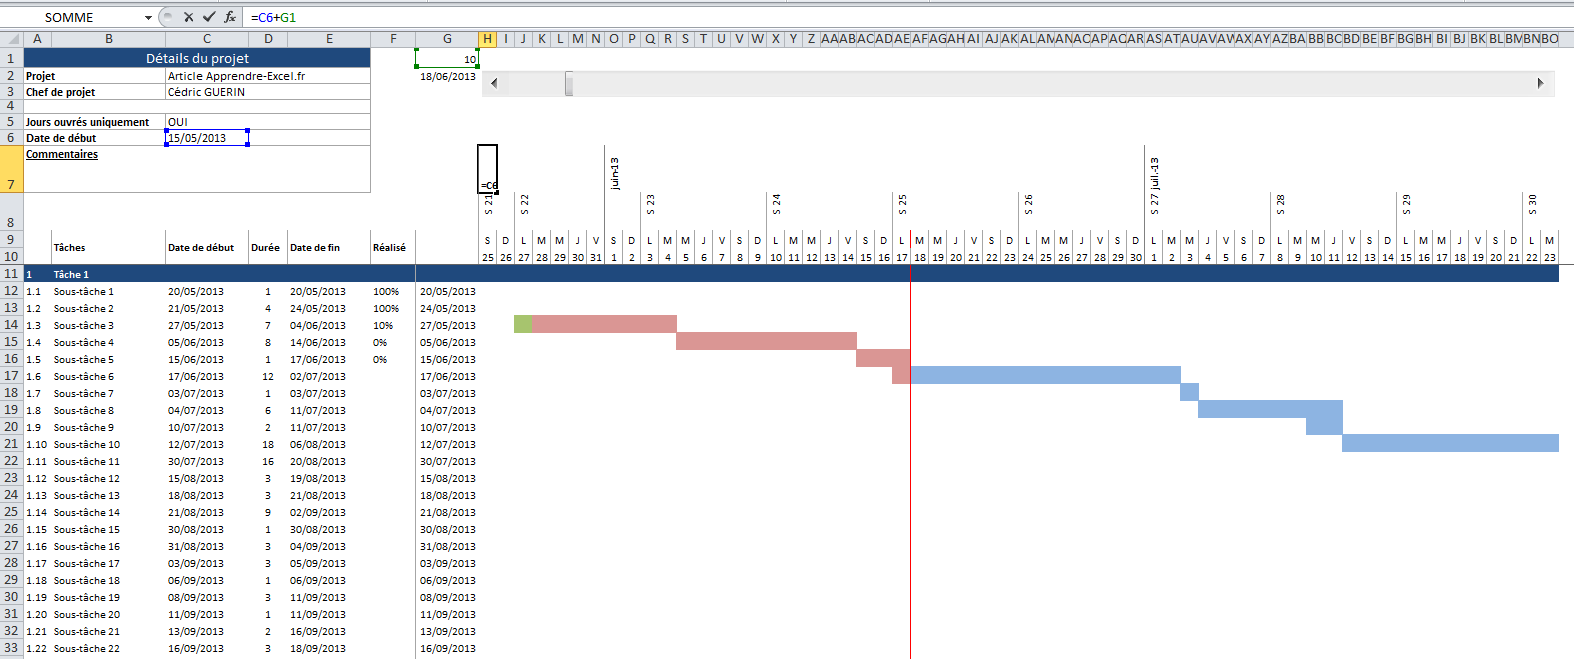 Images: Description:Excellent diagramme de Gantt réalisé par Daniel. Ce fichier est accompagné d'un document Word présentant pas à pas la réalisation du diagramme.